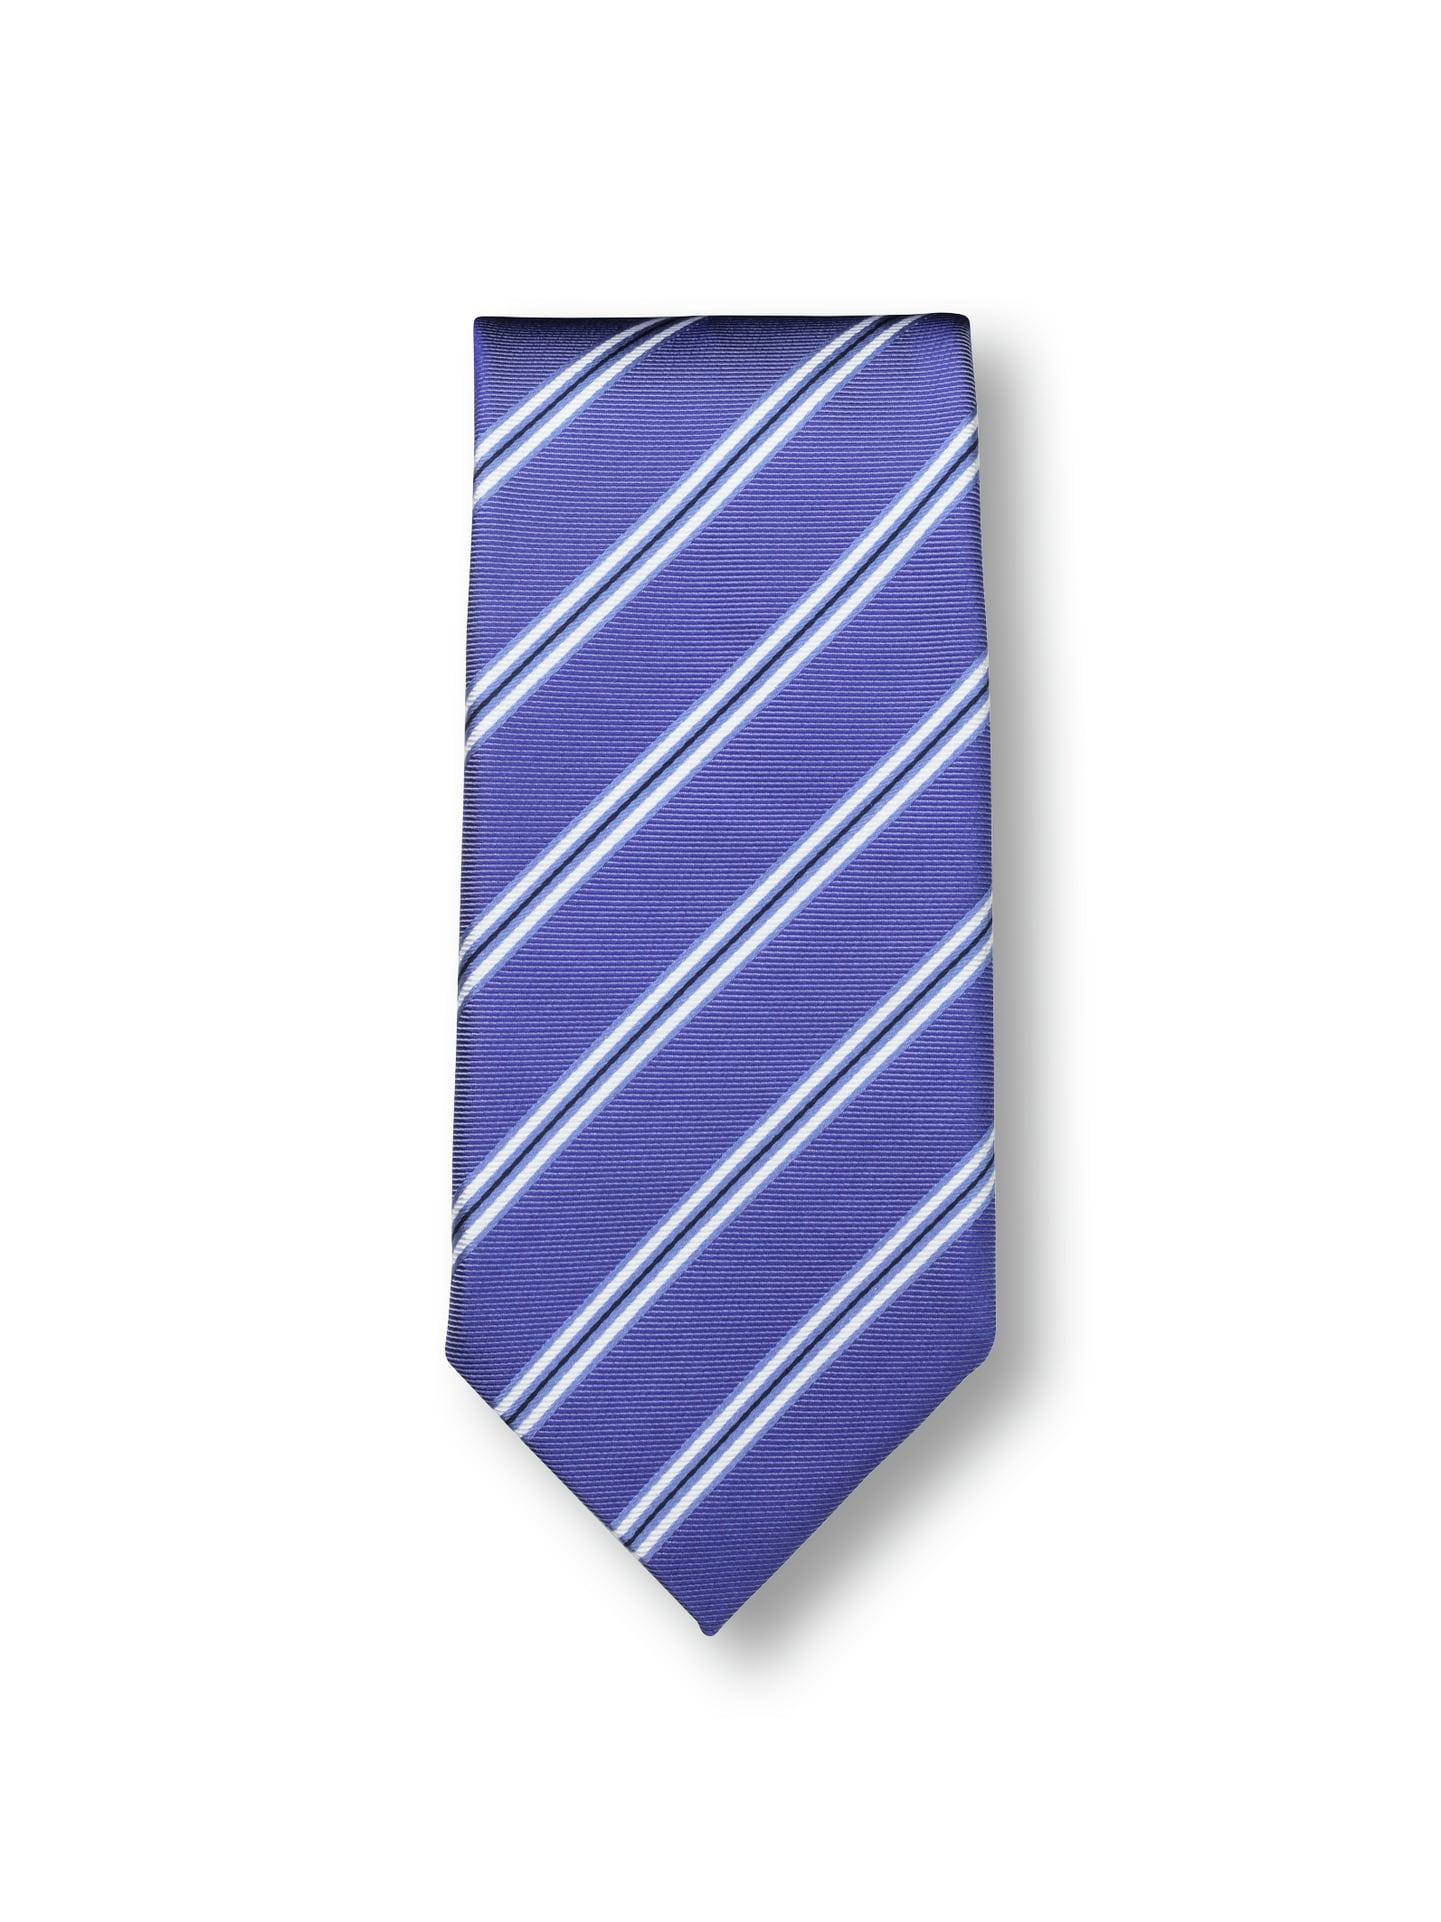 Artikel klicken und genauer betrachten! - Nicht nur im Business perfekt: Anzug, Oberhemd und Krawatte. Das betont Ihre besten Seiten und lässt Sie jederzeit gepflegt und professionell wirken. Diese Krawatte mit dem zeitlosen Streifendessin wurde in Deutschland aus reiner Seide gefertigt, in der letzten noch produzierenden Manufaktur in Krefeld. | im Online Shop kaufen